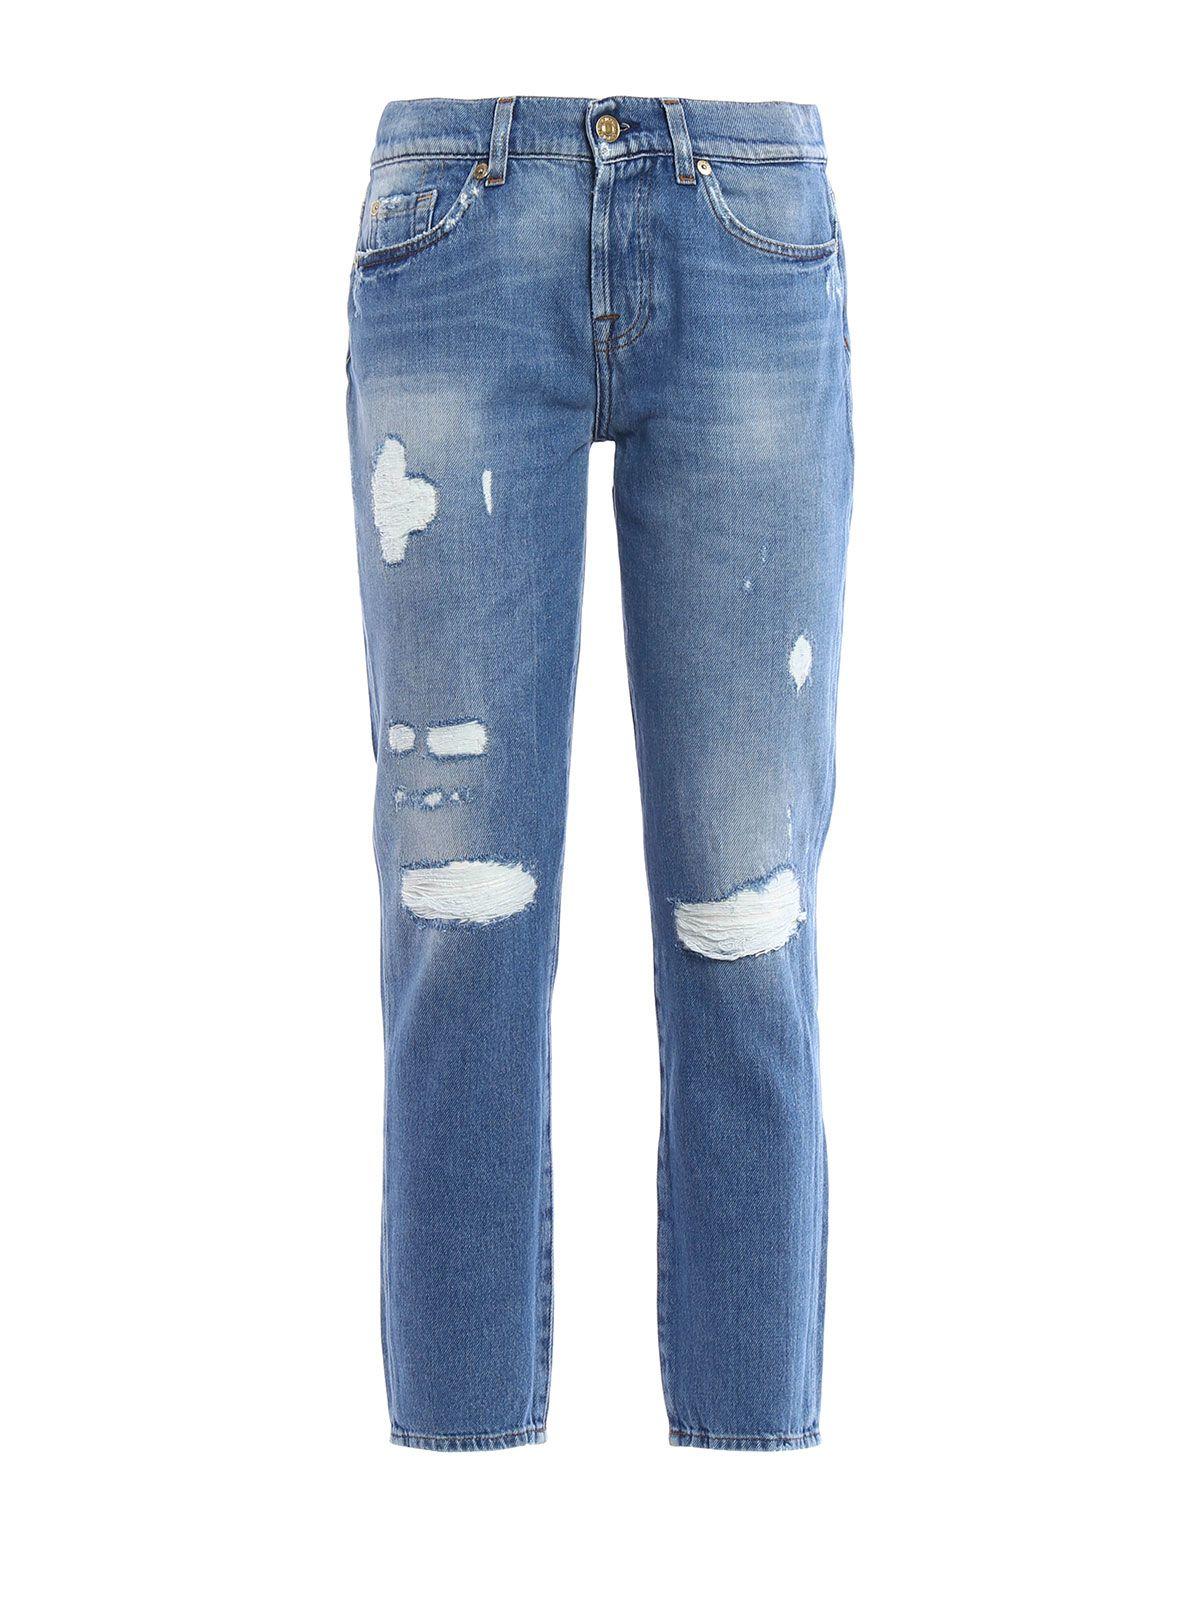 7 For All Mankind Josie Crop Jeans